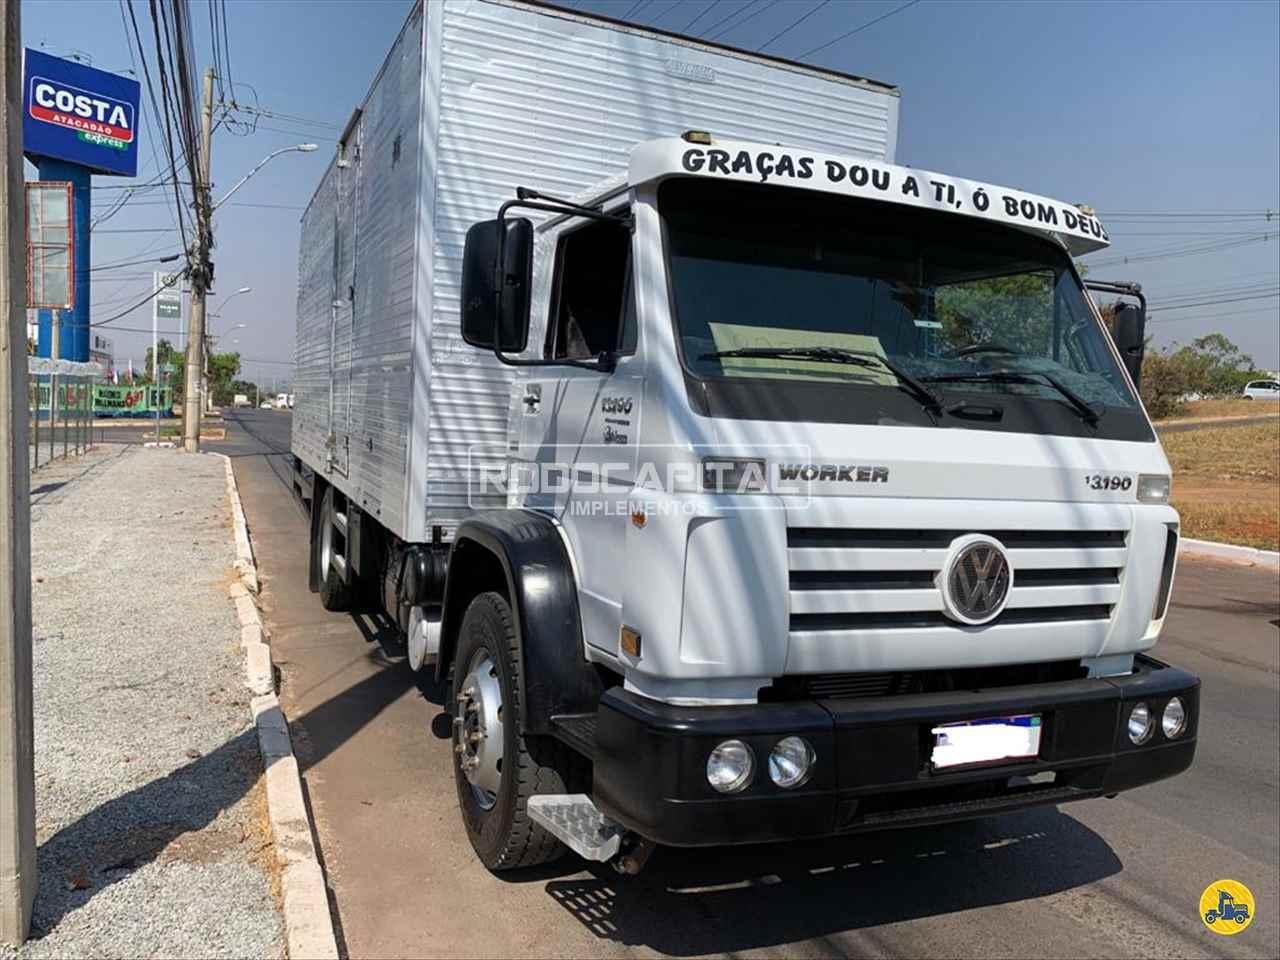 CAMINHAO VOLKSWAGEN VW 13190 Baú Furgão Toco 4x2 RODOCAPITAL - TRUCKVAN BRASILIA DISTRITO FEDERAL DF